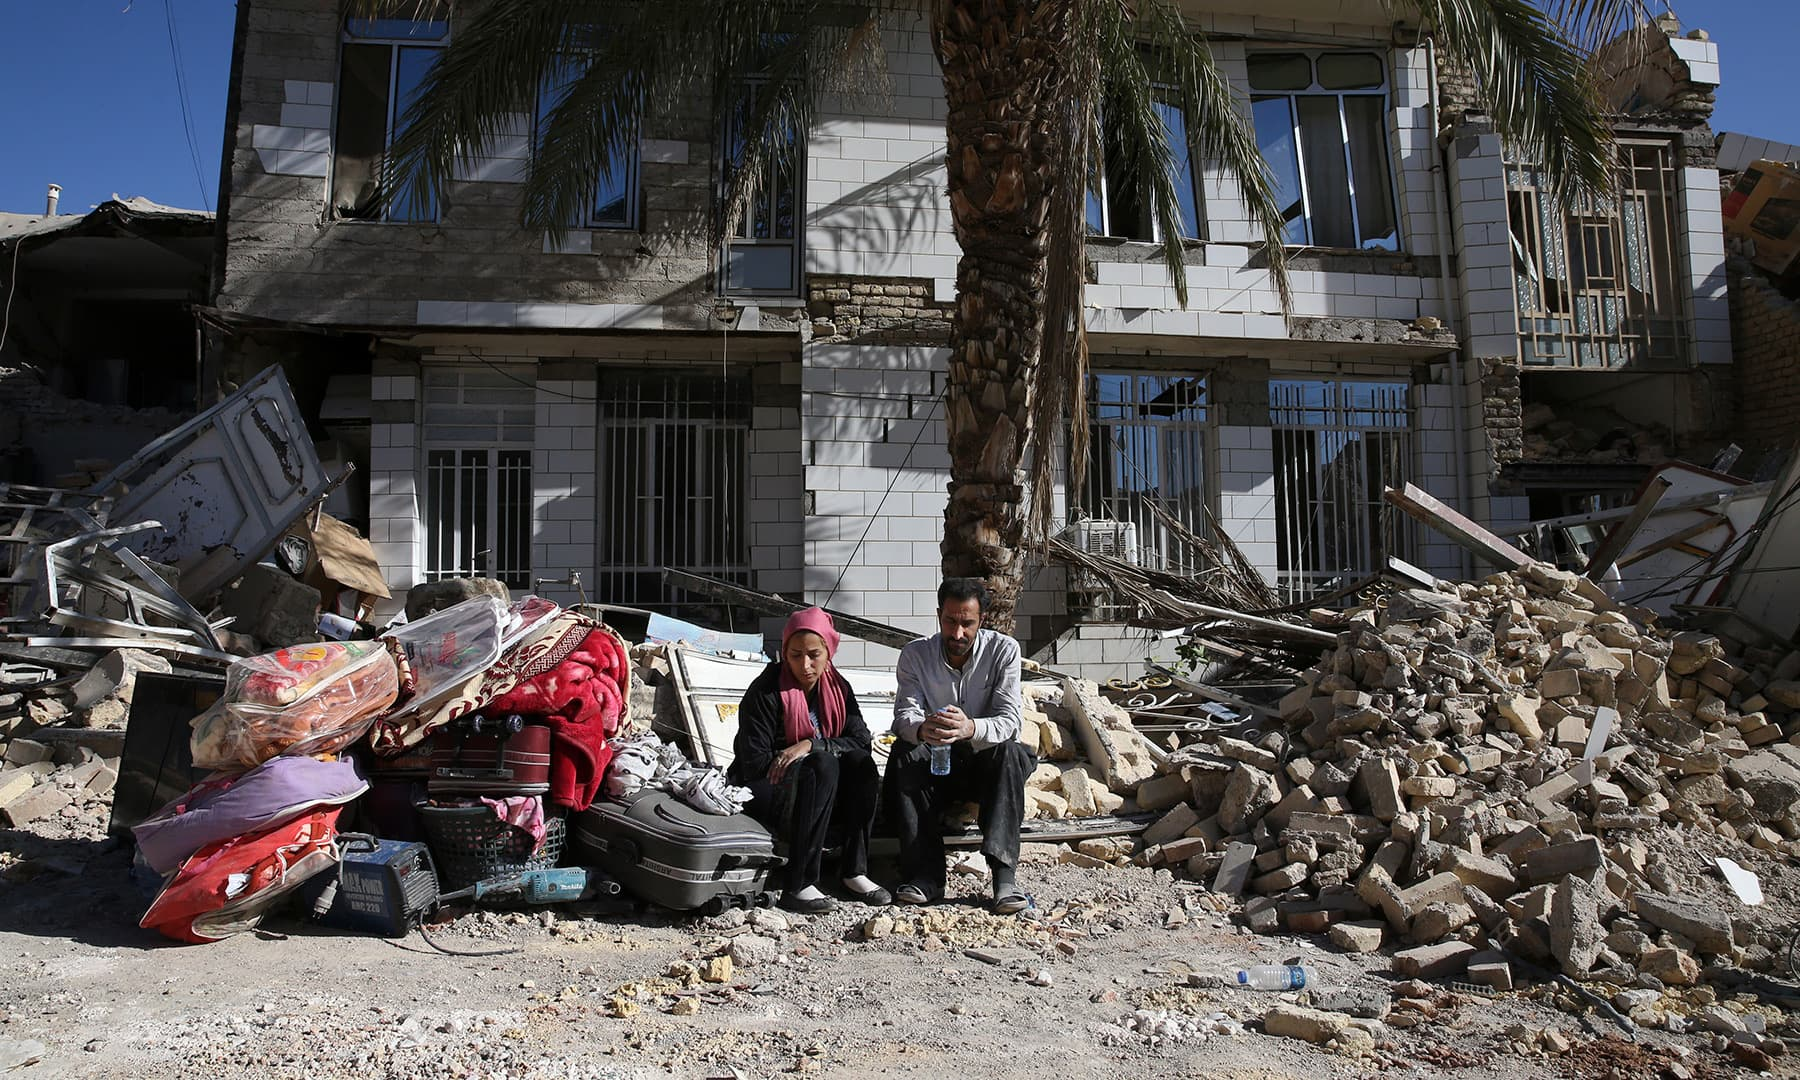 کرمانشاہ کے علاقے سرپولِ ذہب میں زلزلہ زدگان سڑک پر بیٹھے ہیں۔ — فوٹو اے پی۔